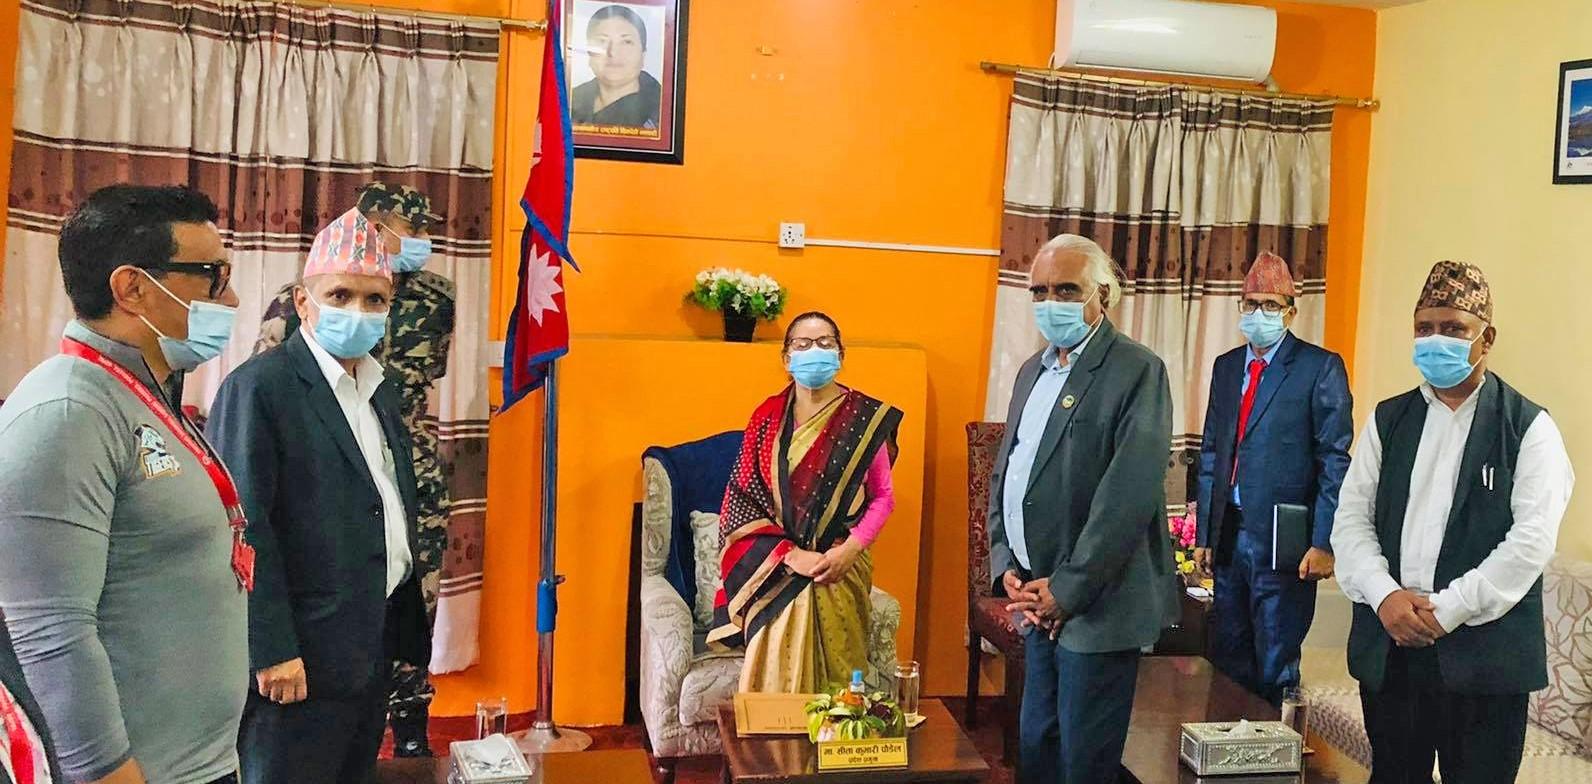 गण्डकीको मुख्यमन्त्रीमा कांग्रेसका नेपालीको दाबी, ३१ सांसद हस्ताक्षरसहित प्रदेश प्रमुखसँग